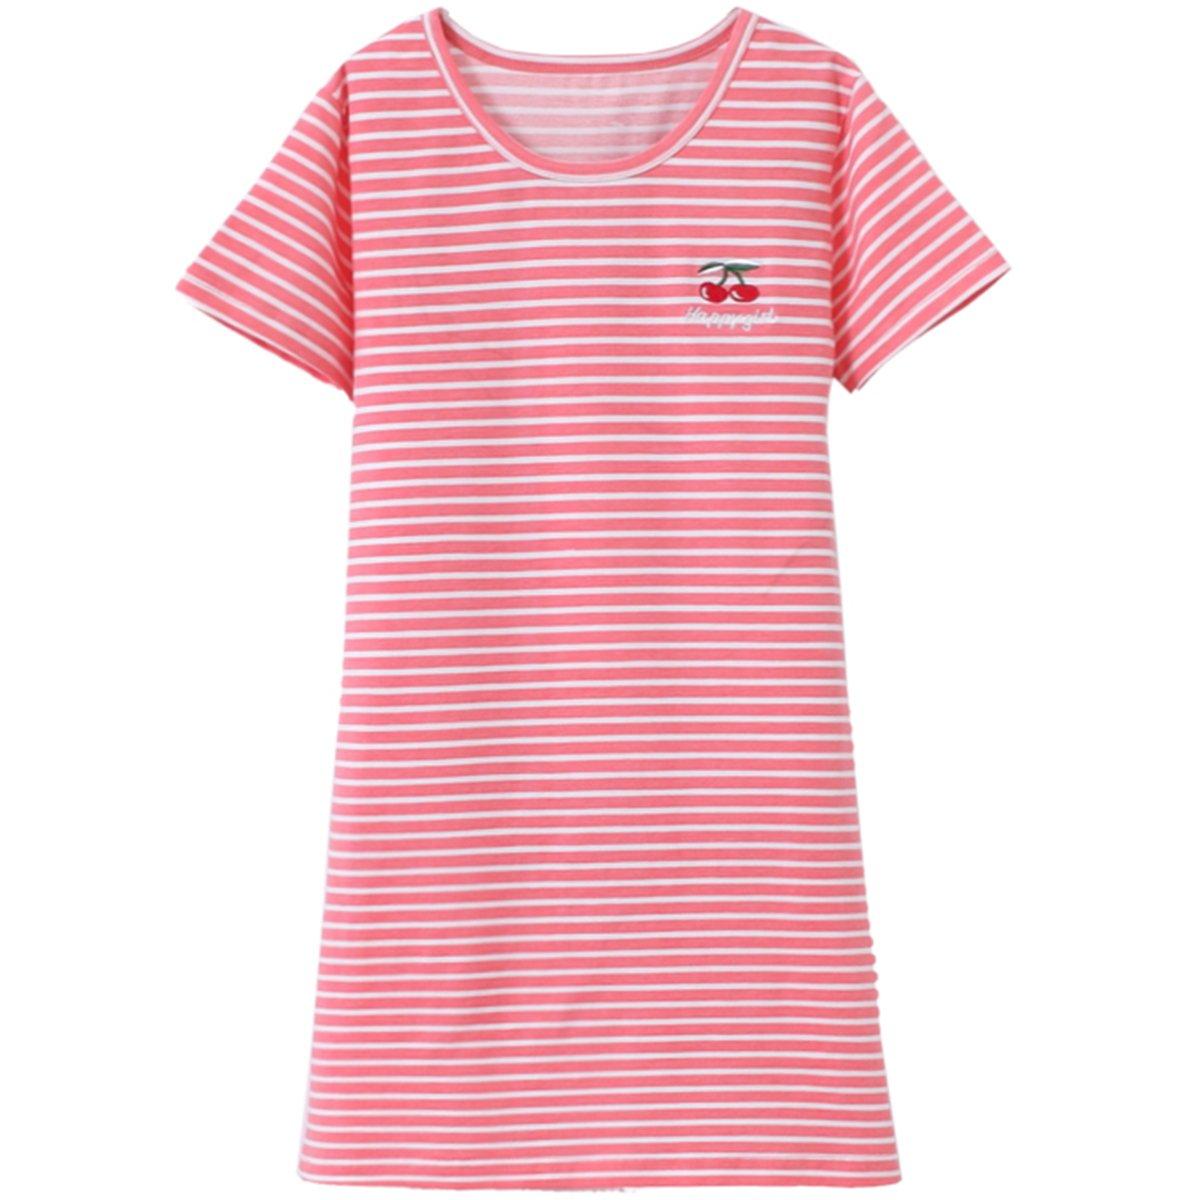 JAJADO Girls Stripes Nightgowns Sleep Shirts Cotton Sleepwear Pajamas for Toddler Pink Stripes 3-4 Year